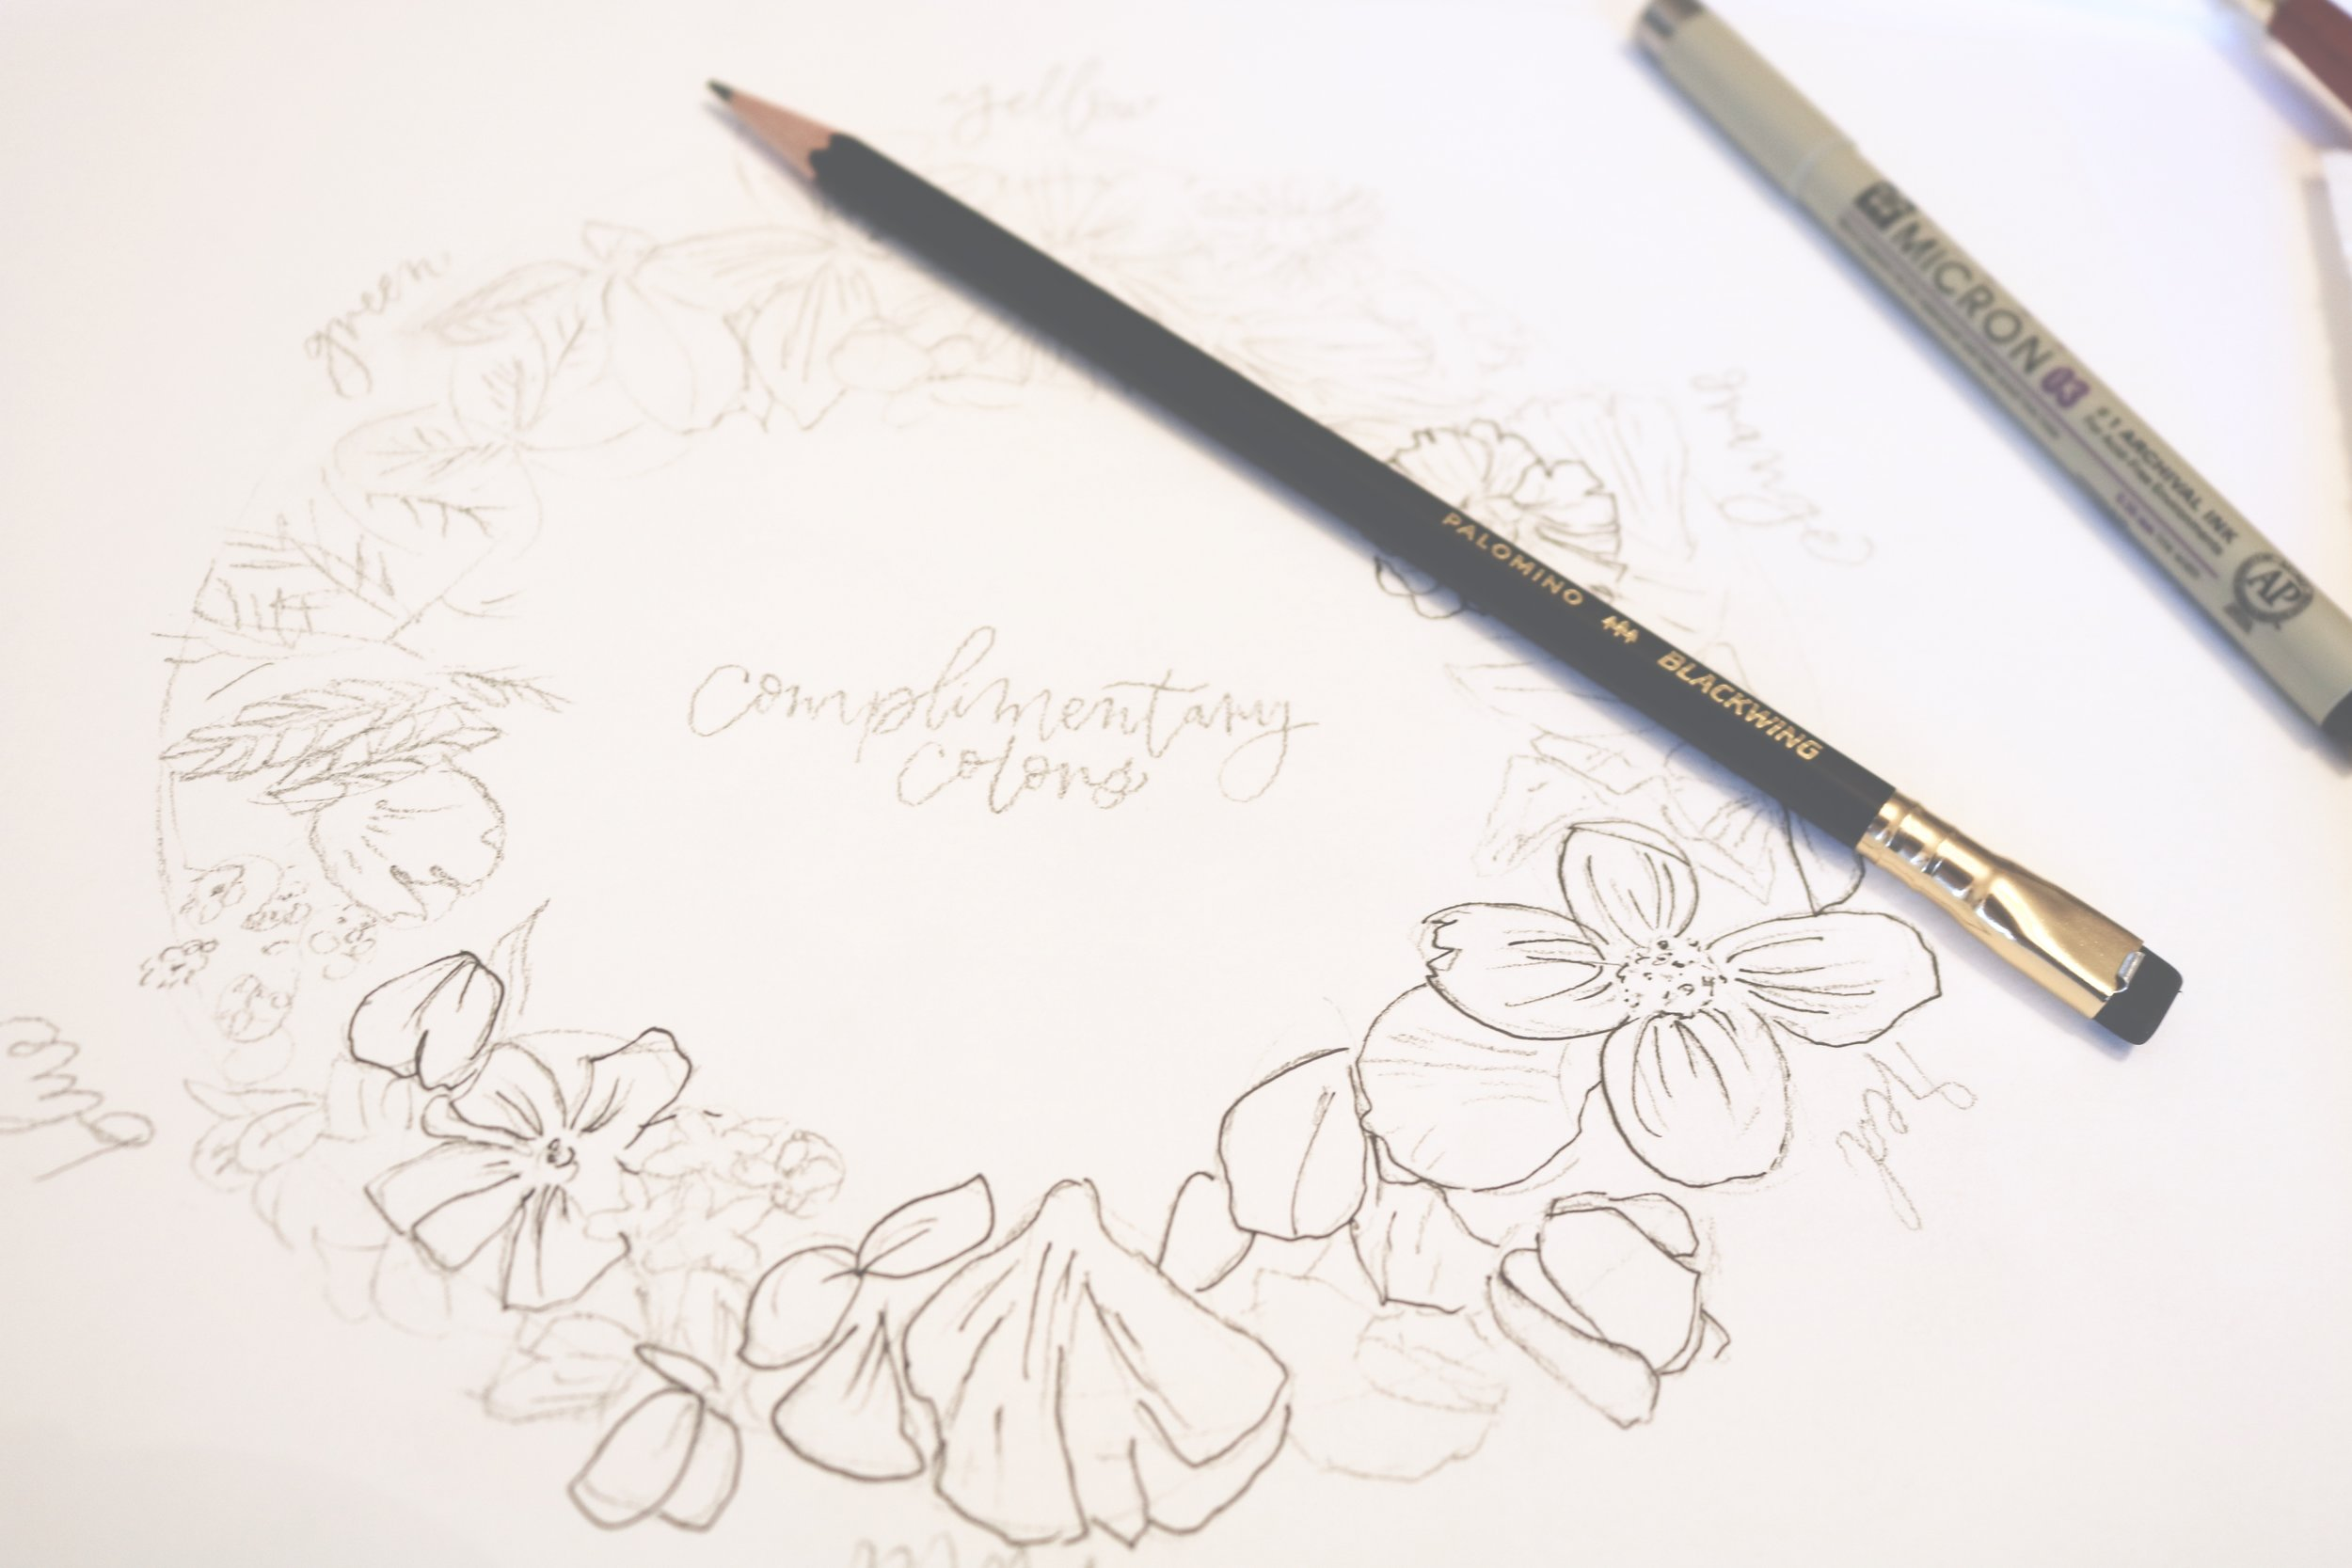 emilime designs botanical illustration workshop.jpeg